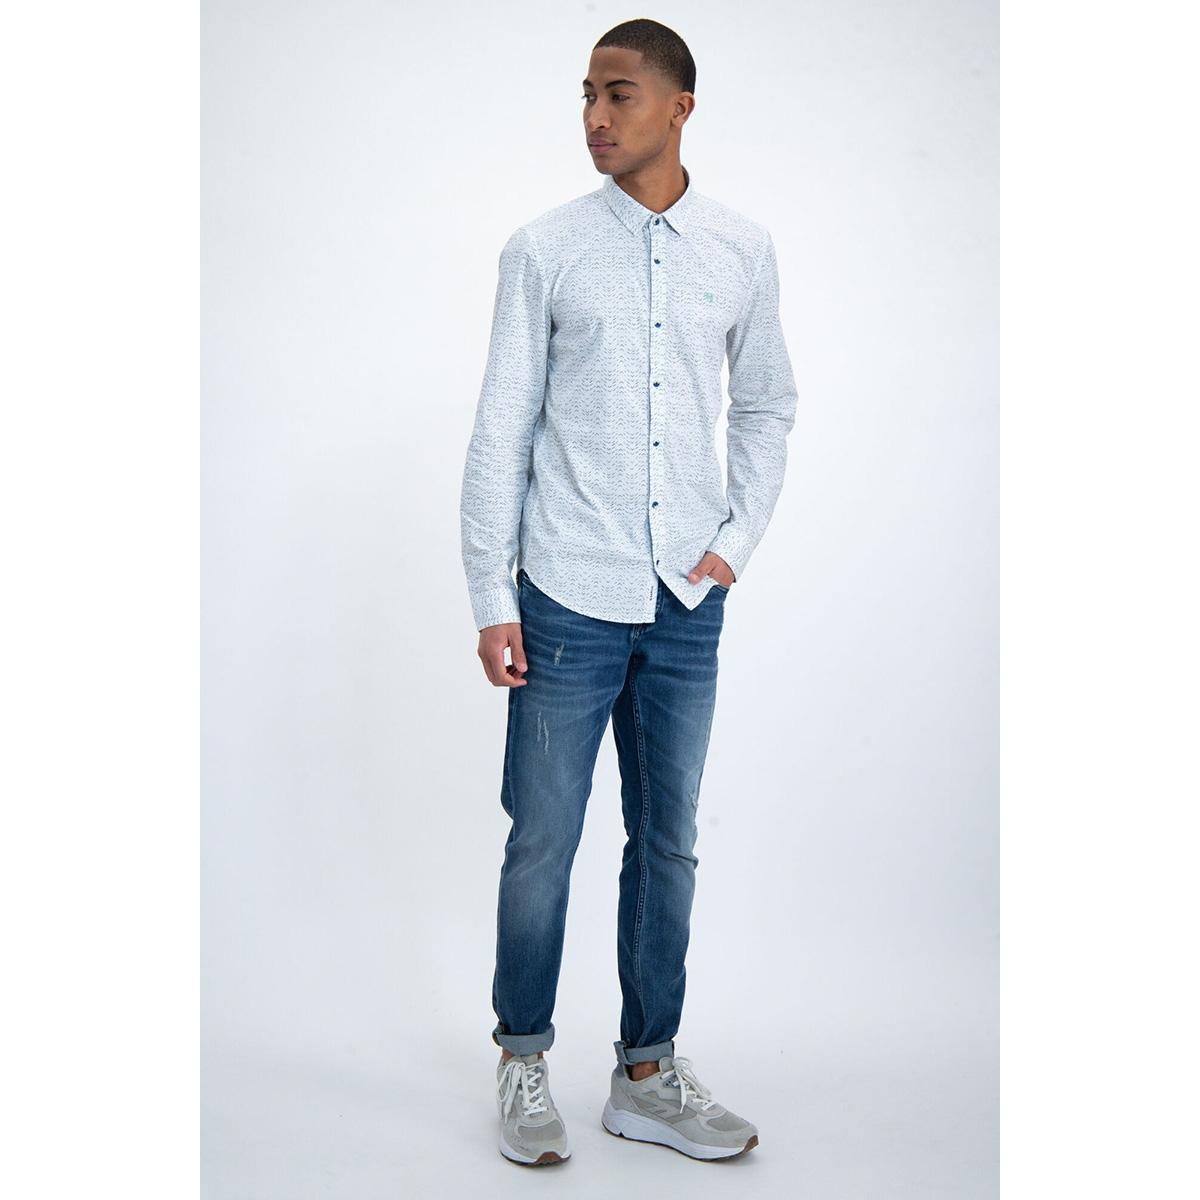 overhemd met all over print m01031 garcia overhemd 50 white